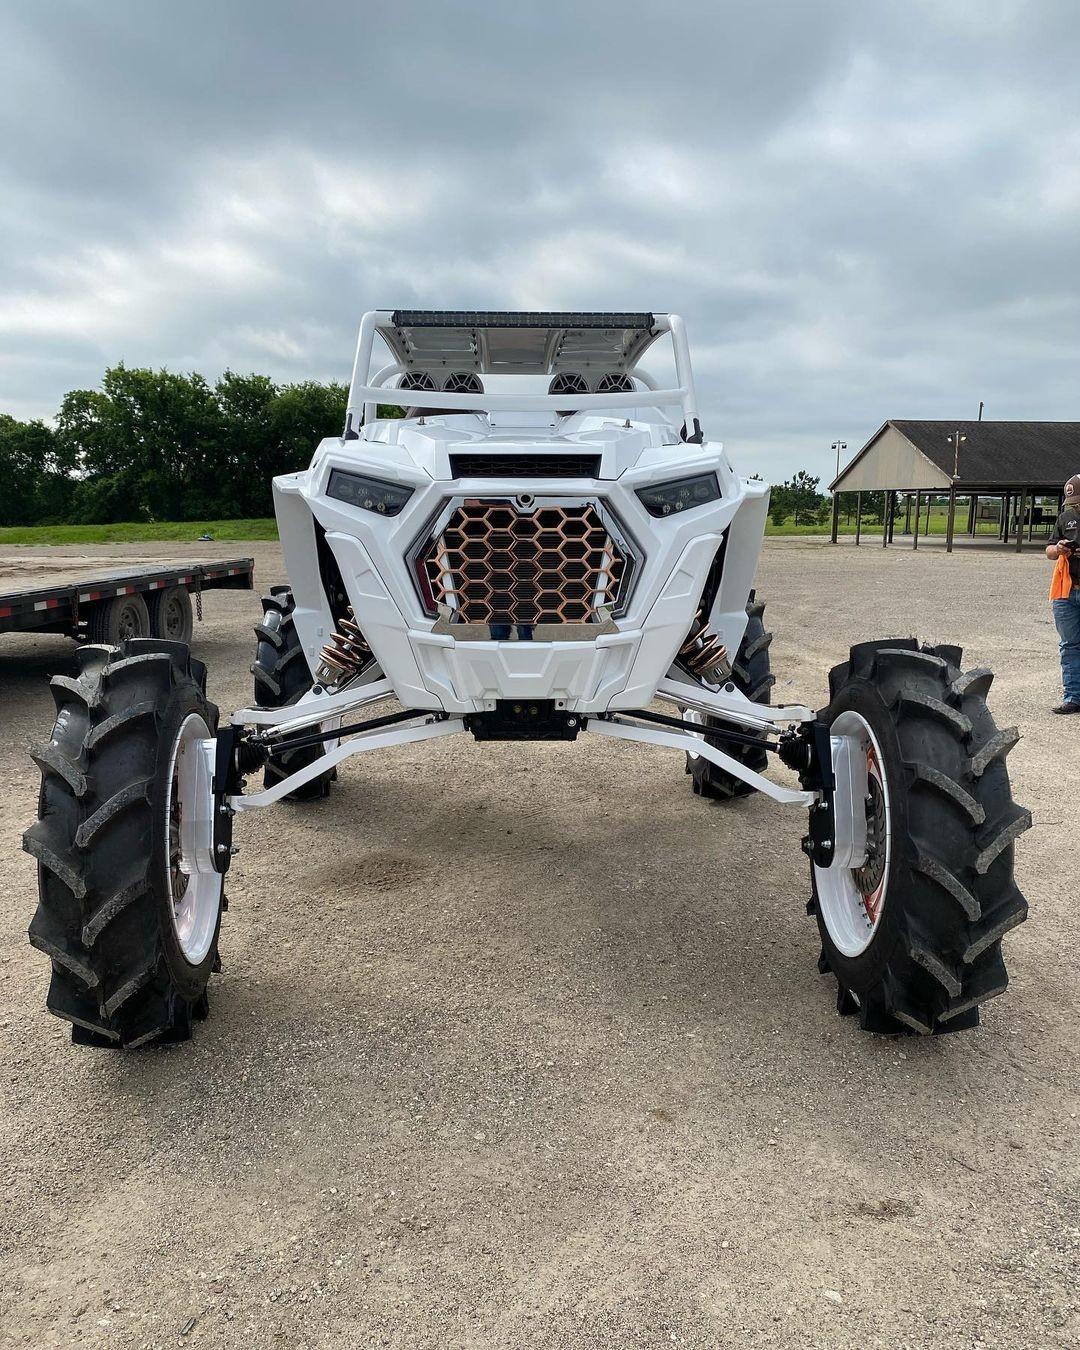 Спортивный мотовездеход Polaris на тракторных колесах